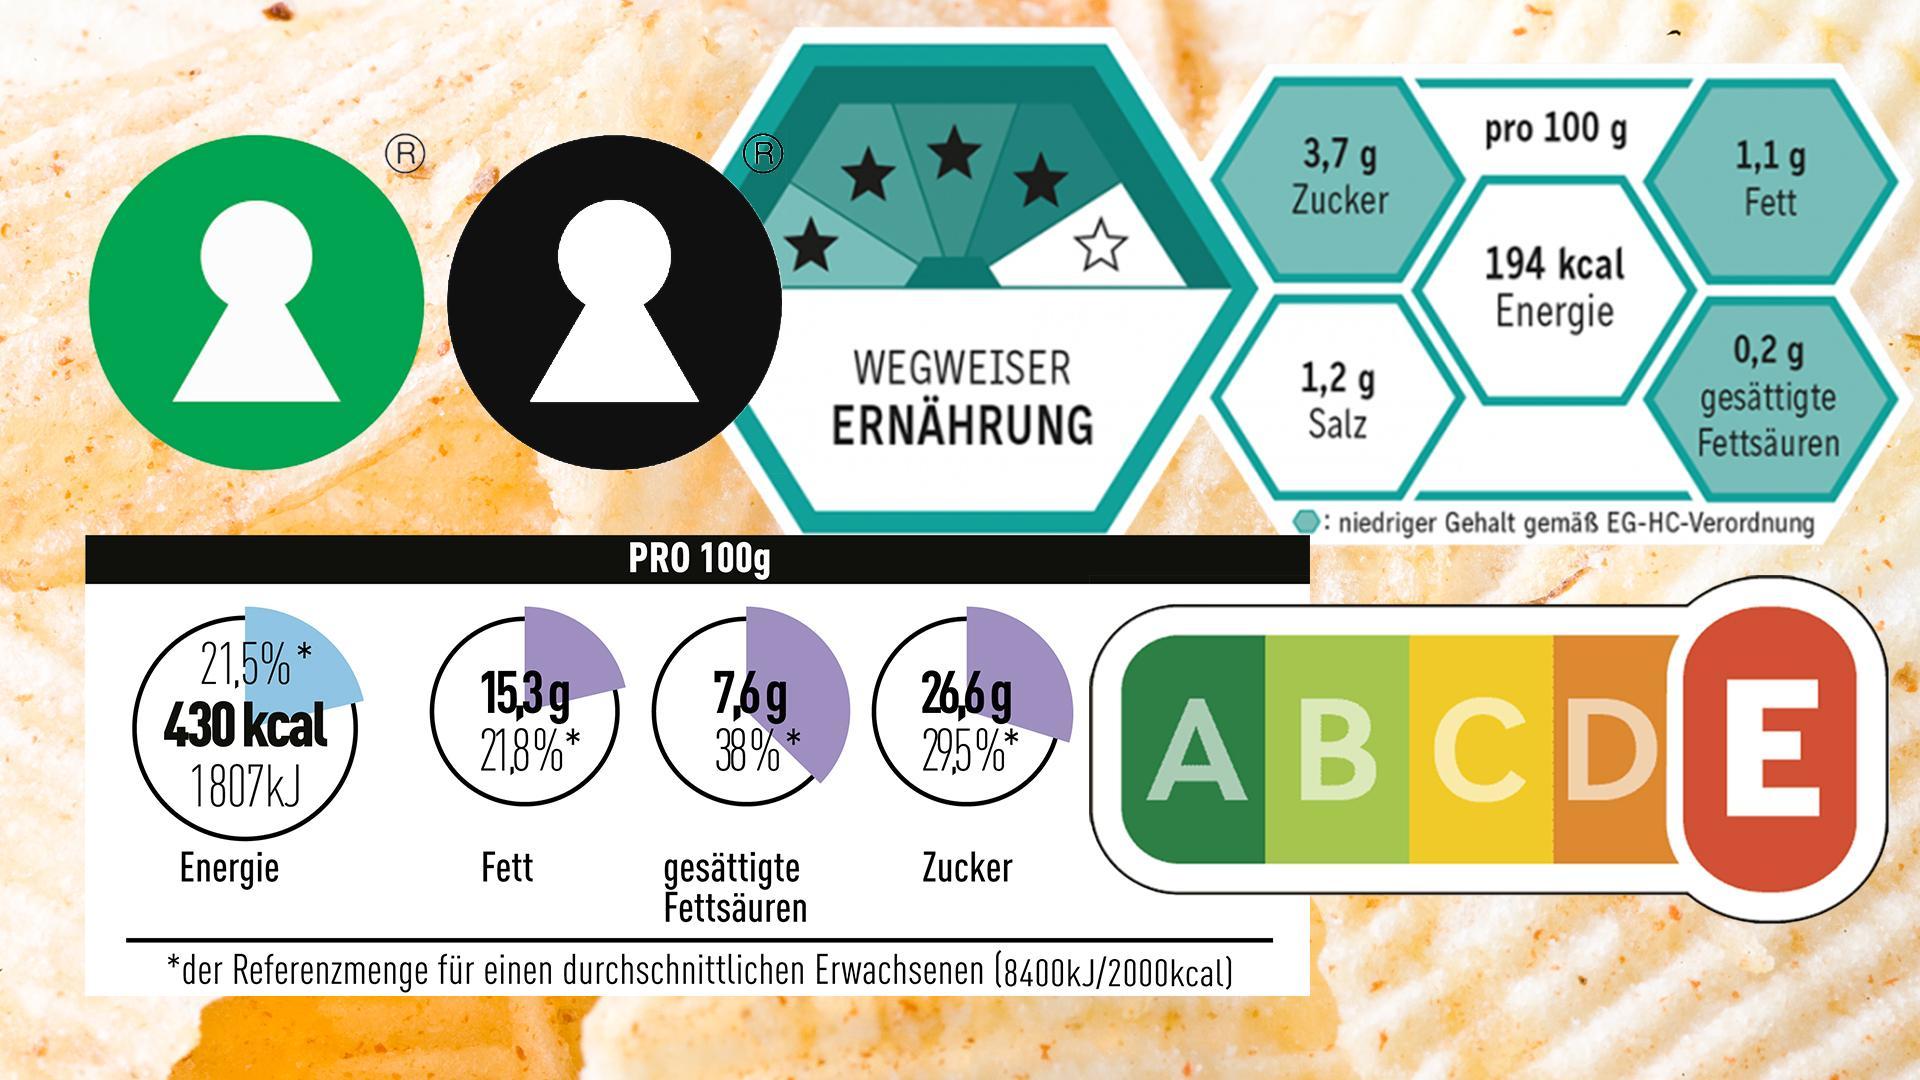 Verbände stellen Umfrage zu Nährwert-Logos vor